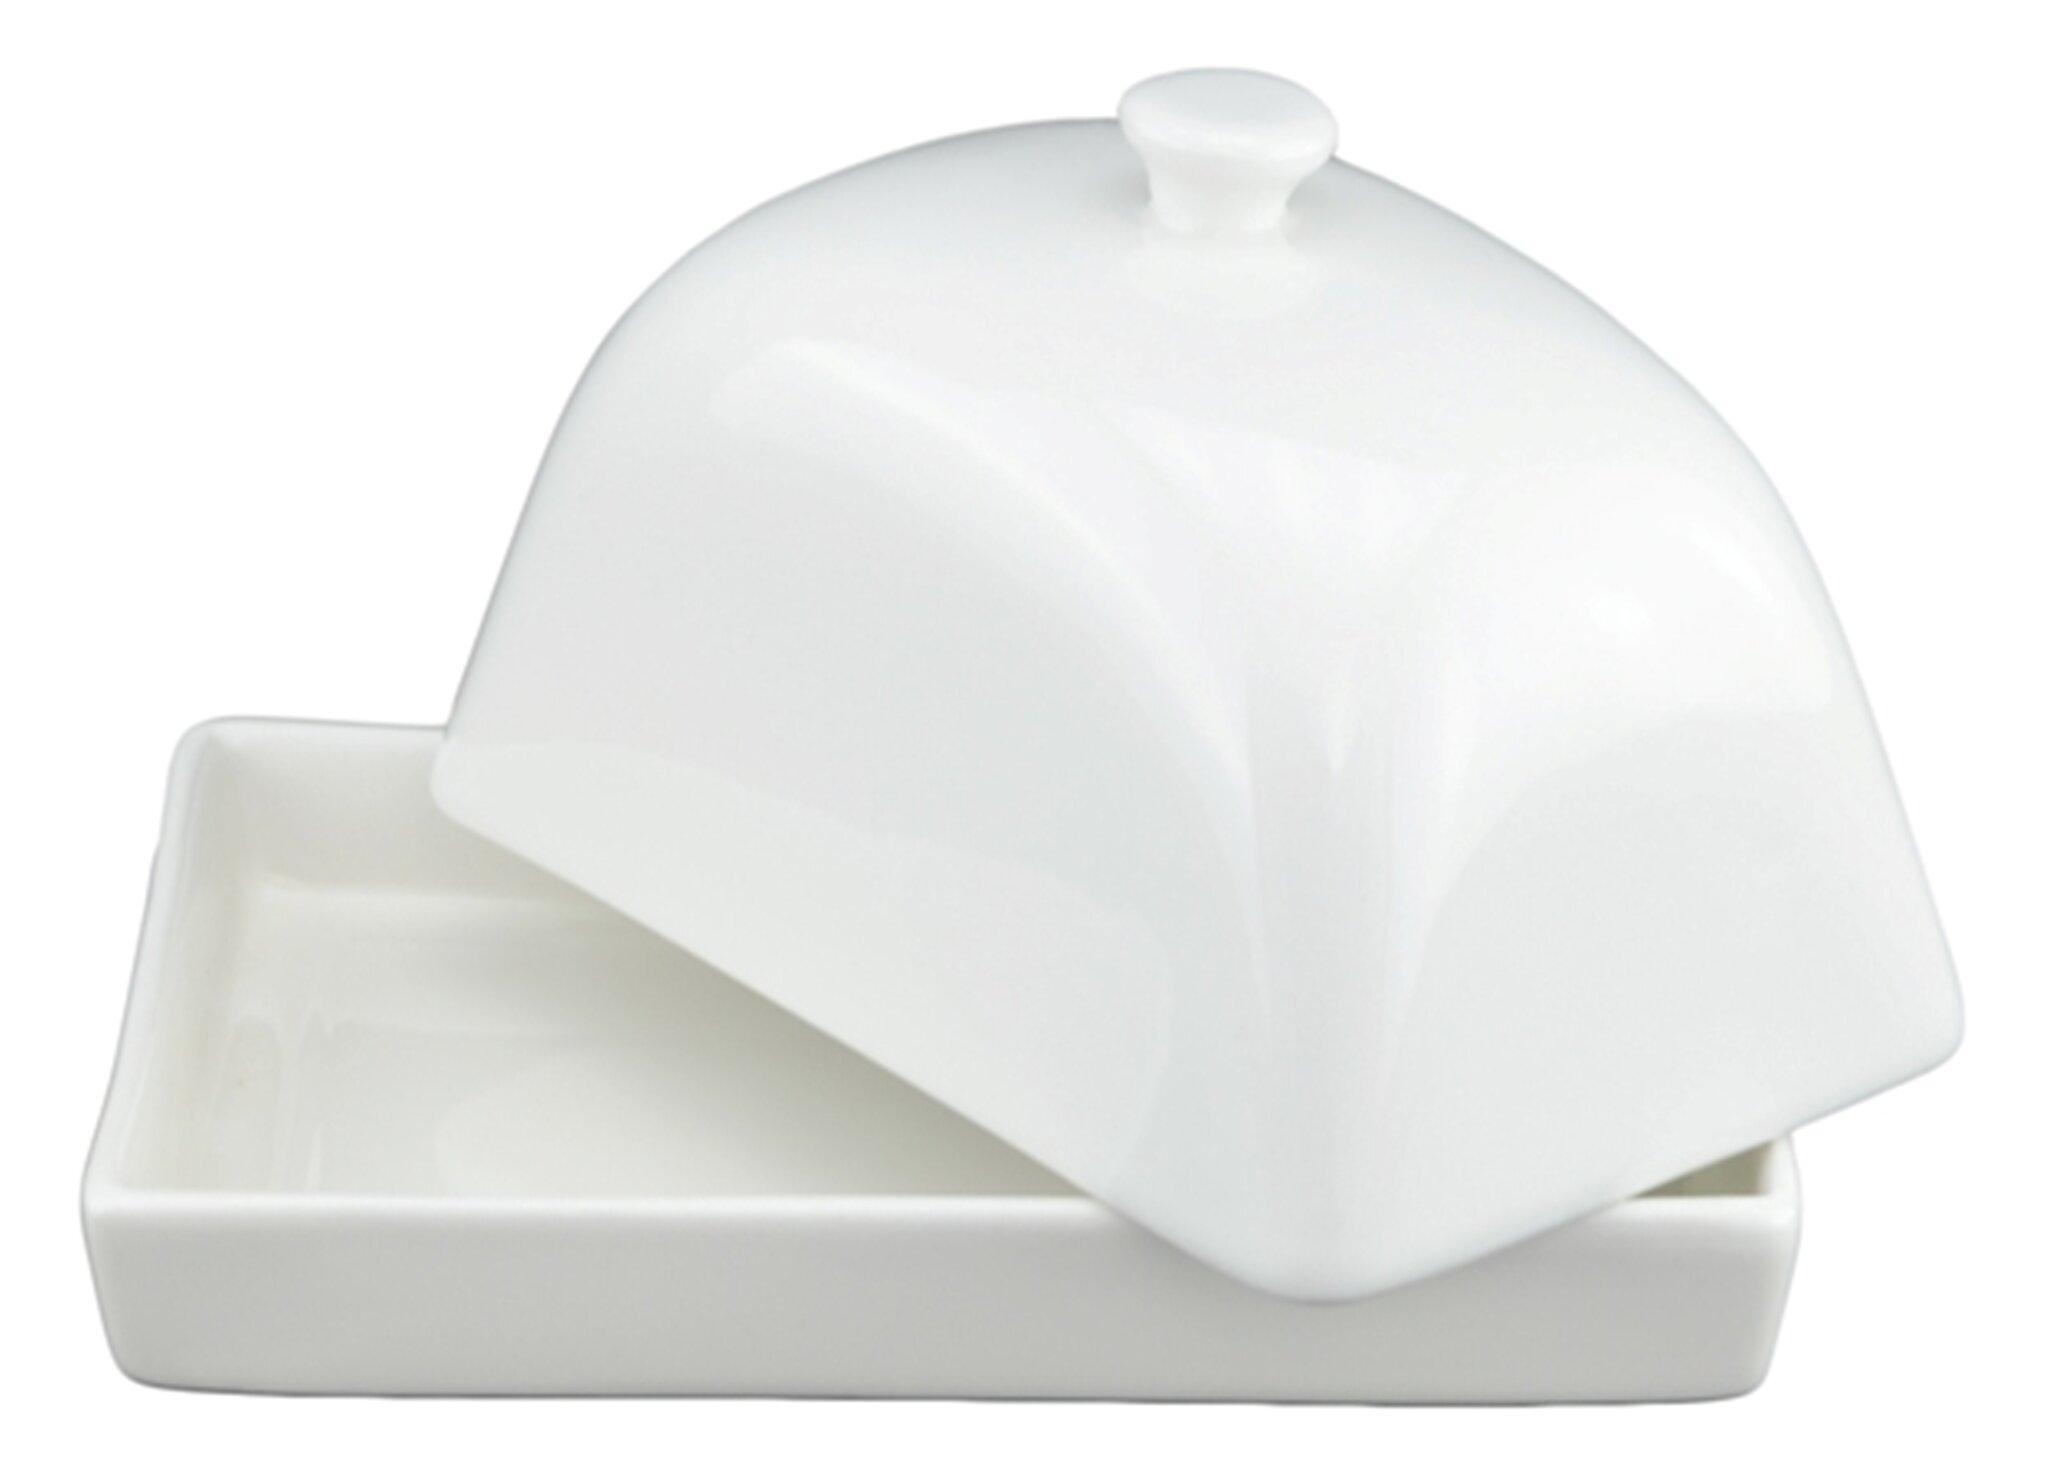 Tannex White Tie Butter Dish Reviews Wayfair